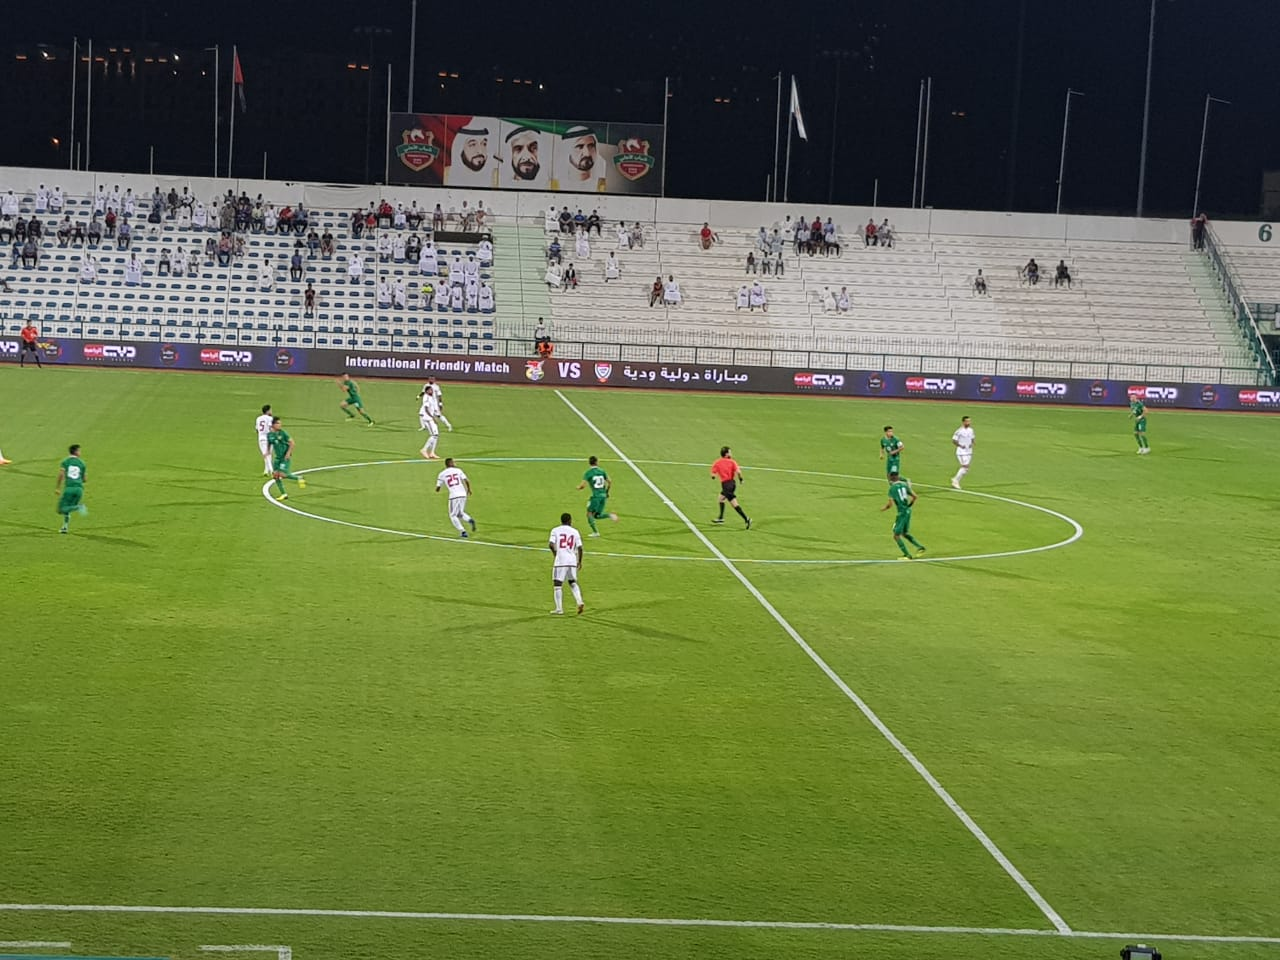 منتخبنا الوطني يتعادل مع نظيره البوليفي بدون أهداف